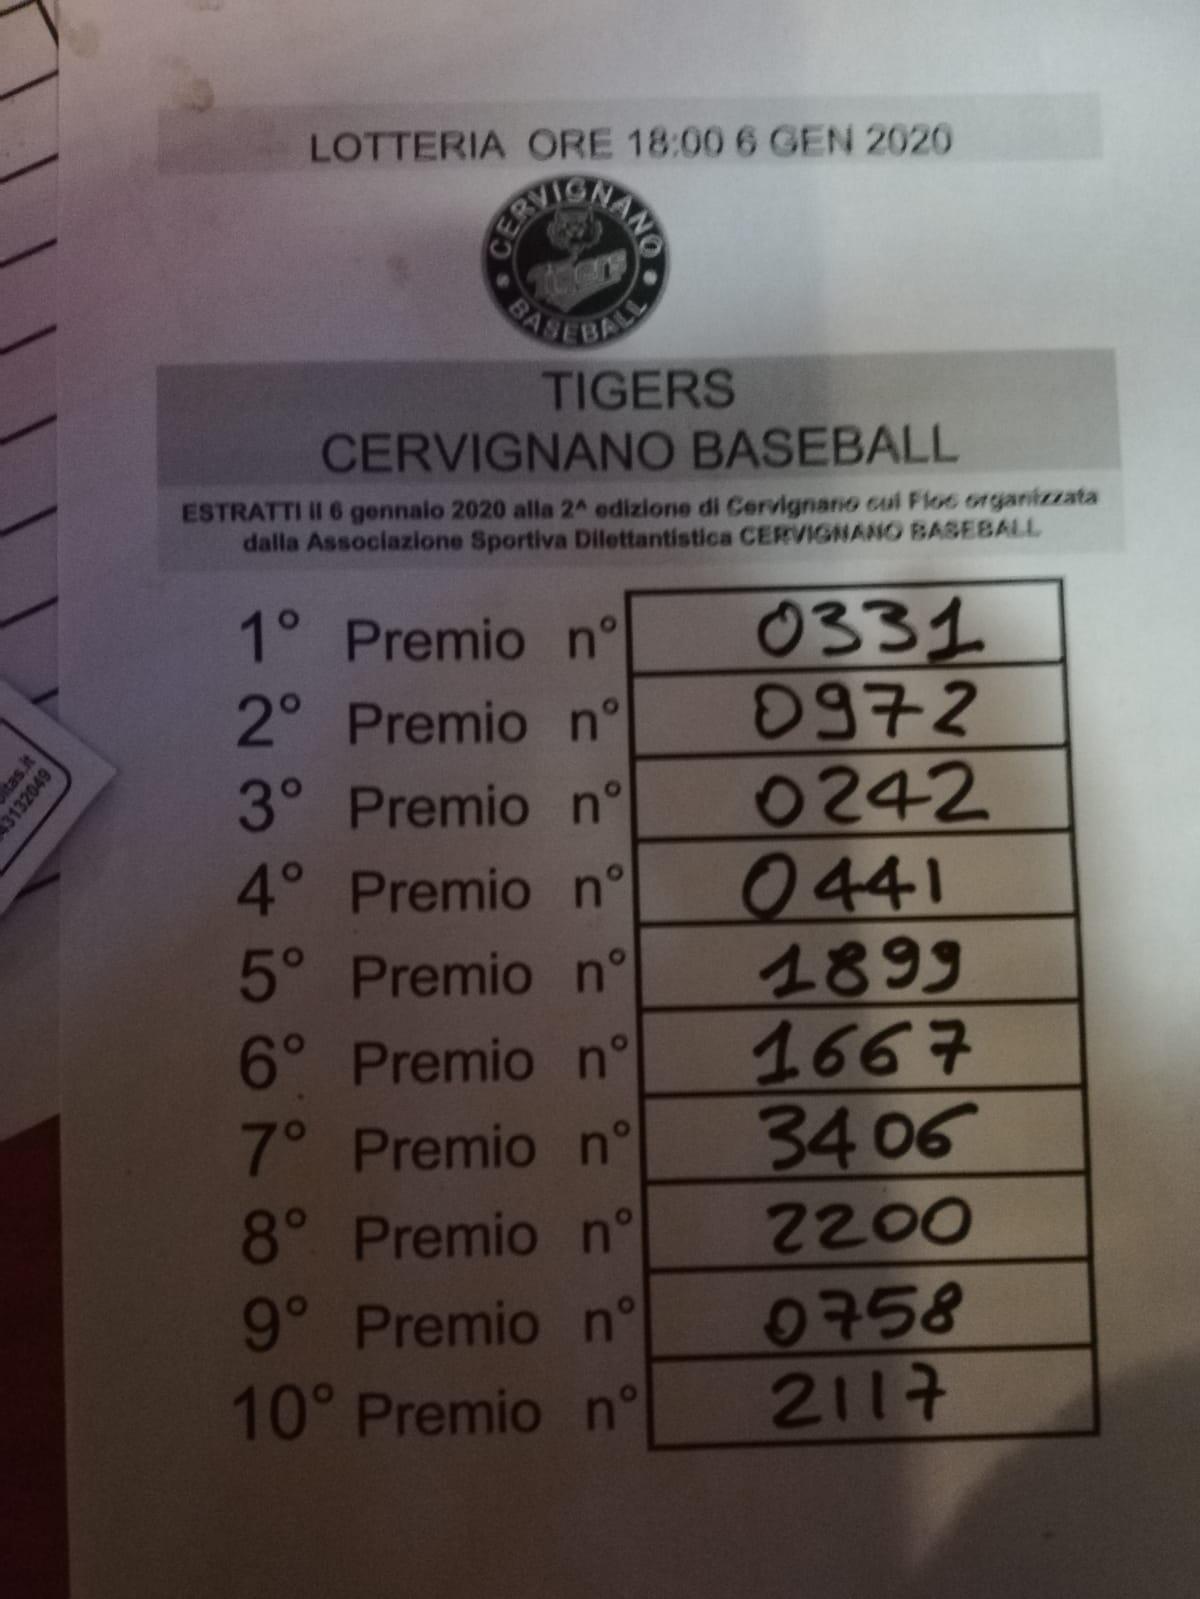 estrazione lotteria Cervignano Tigers befana 2020